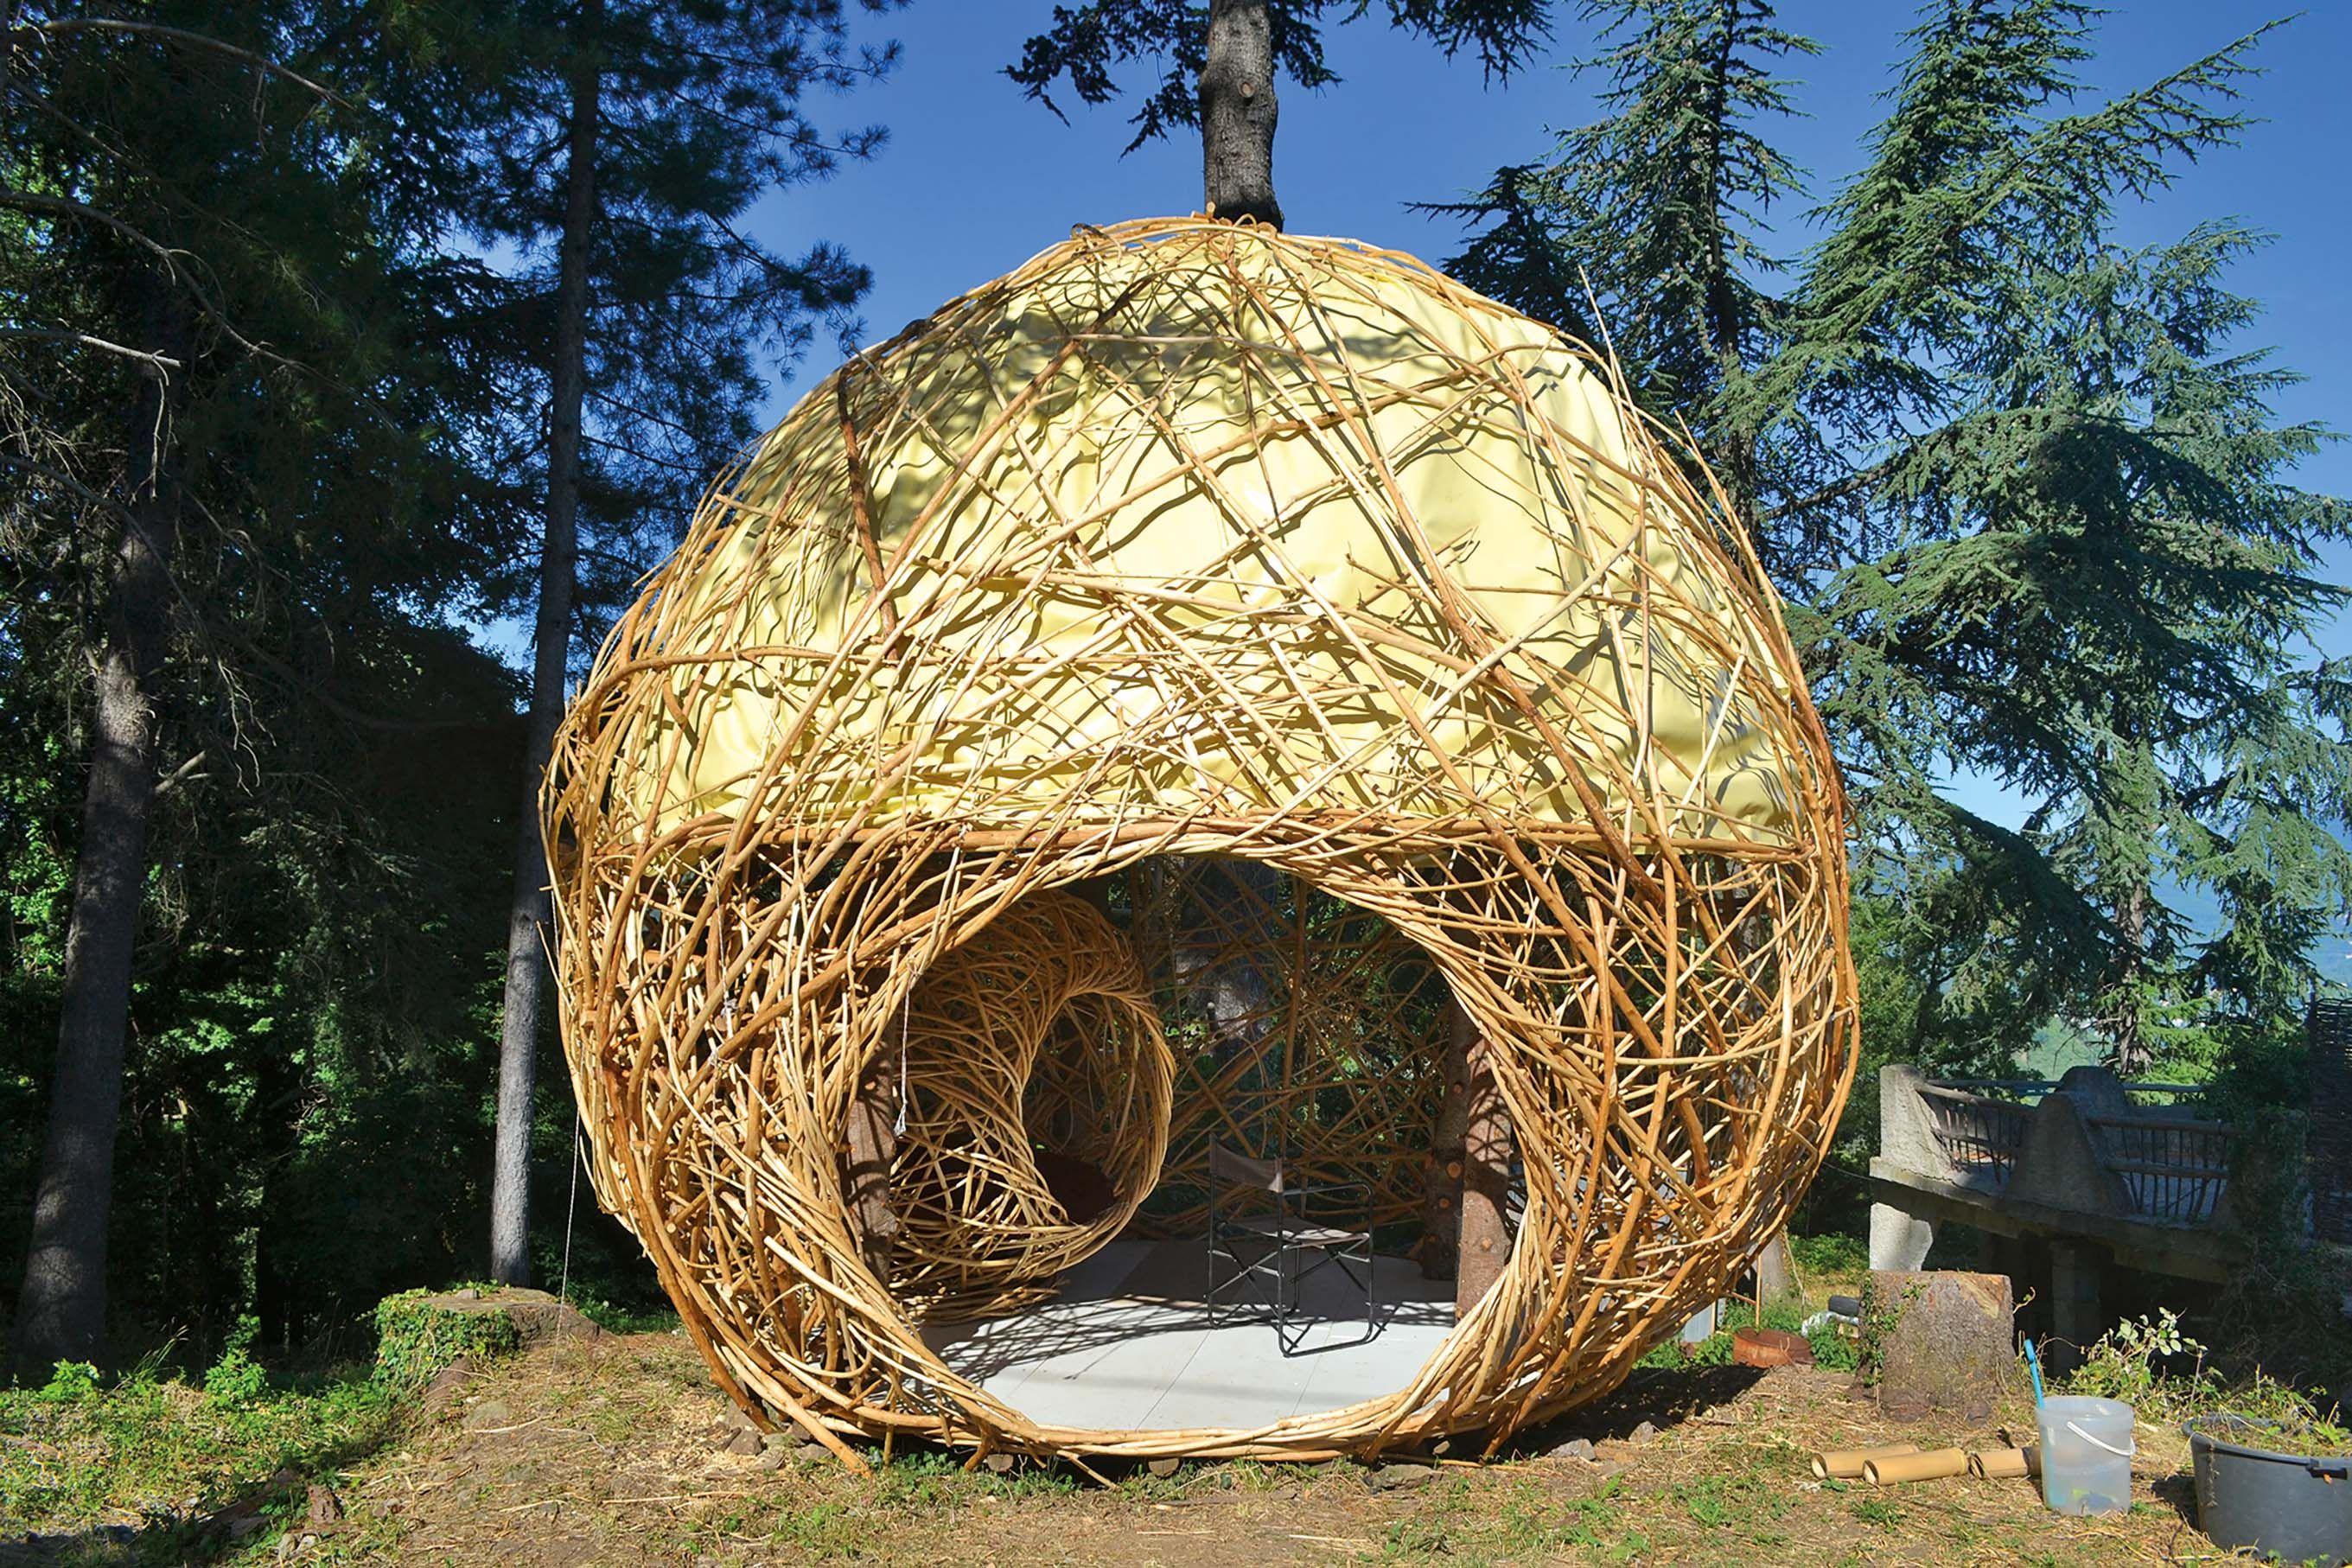 Construire Soi Meme Une Cabane En Bois extérieur : la cabane boule | cabane, maison écologique et